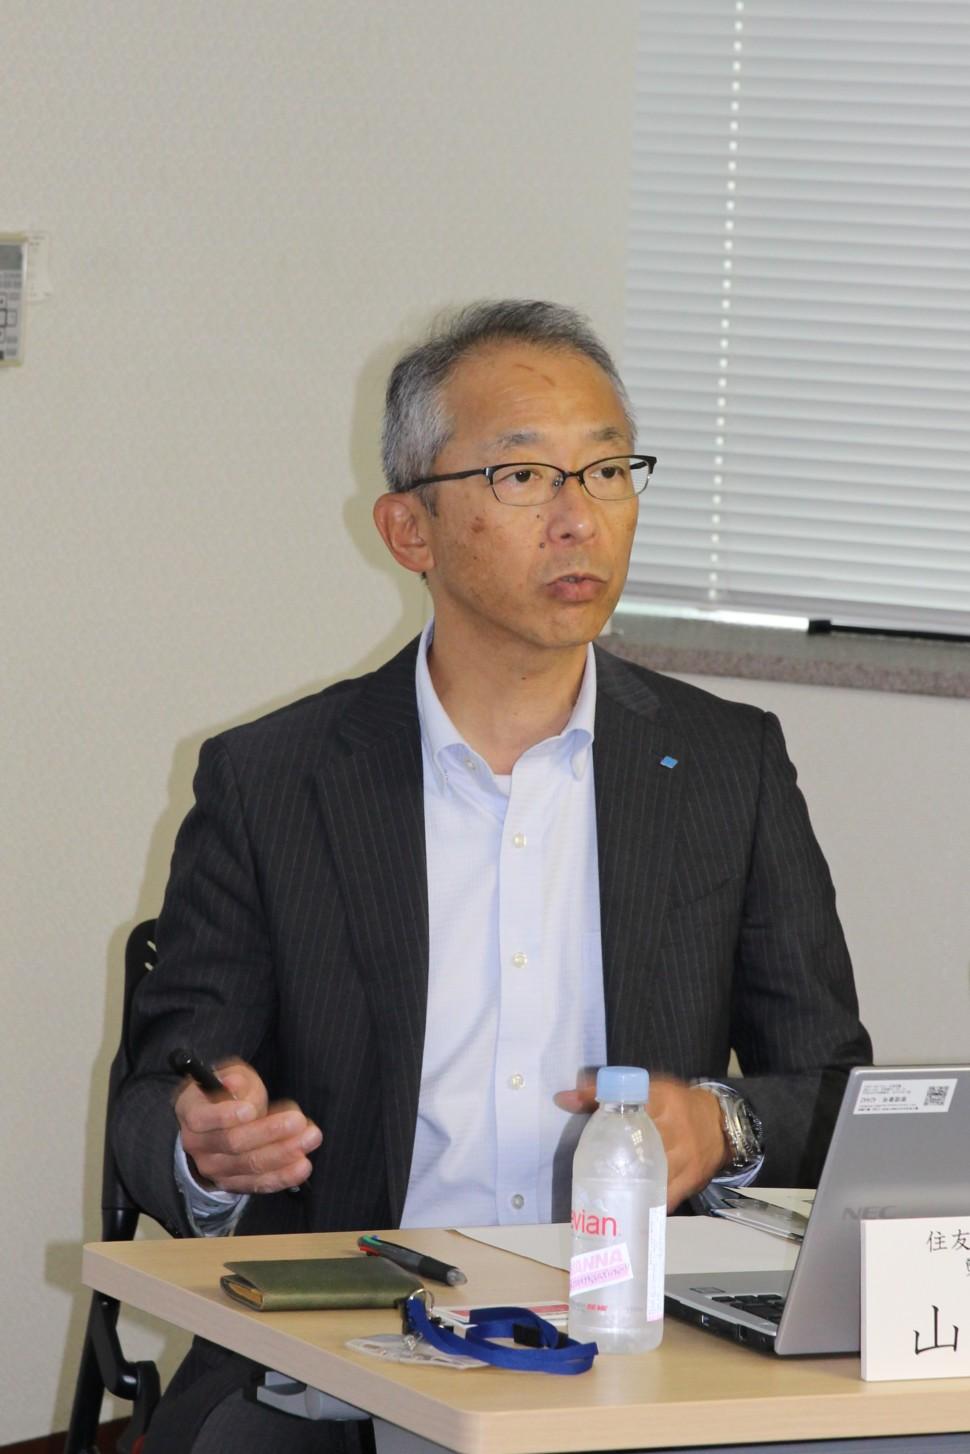 製造IoT推進室長の山田清樹氏